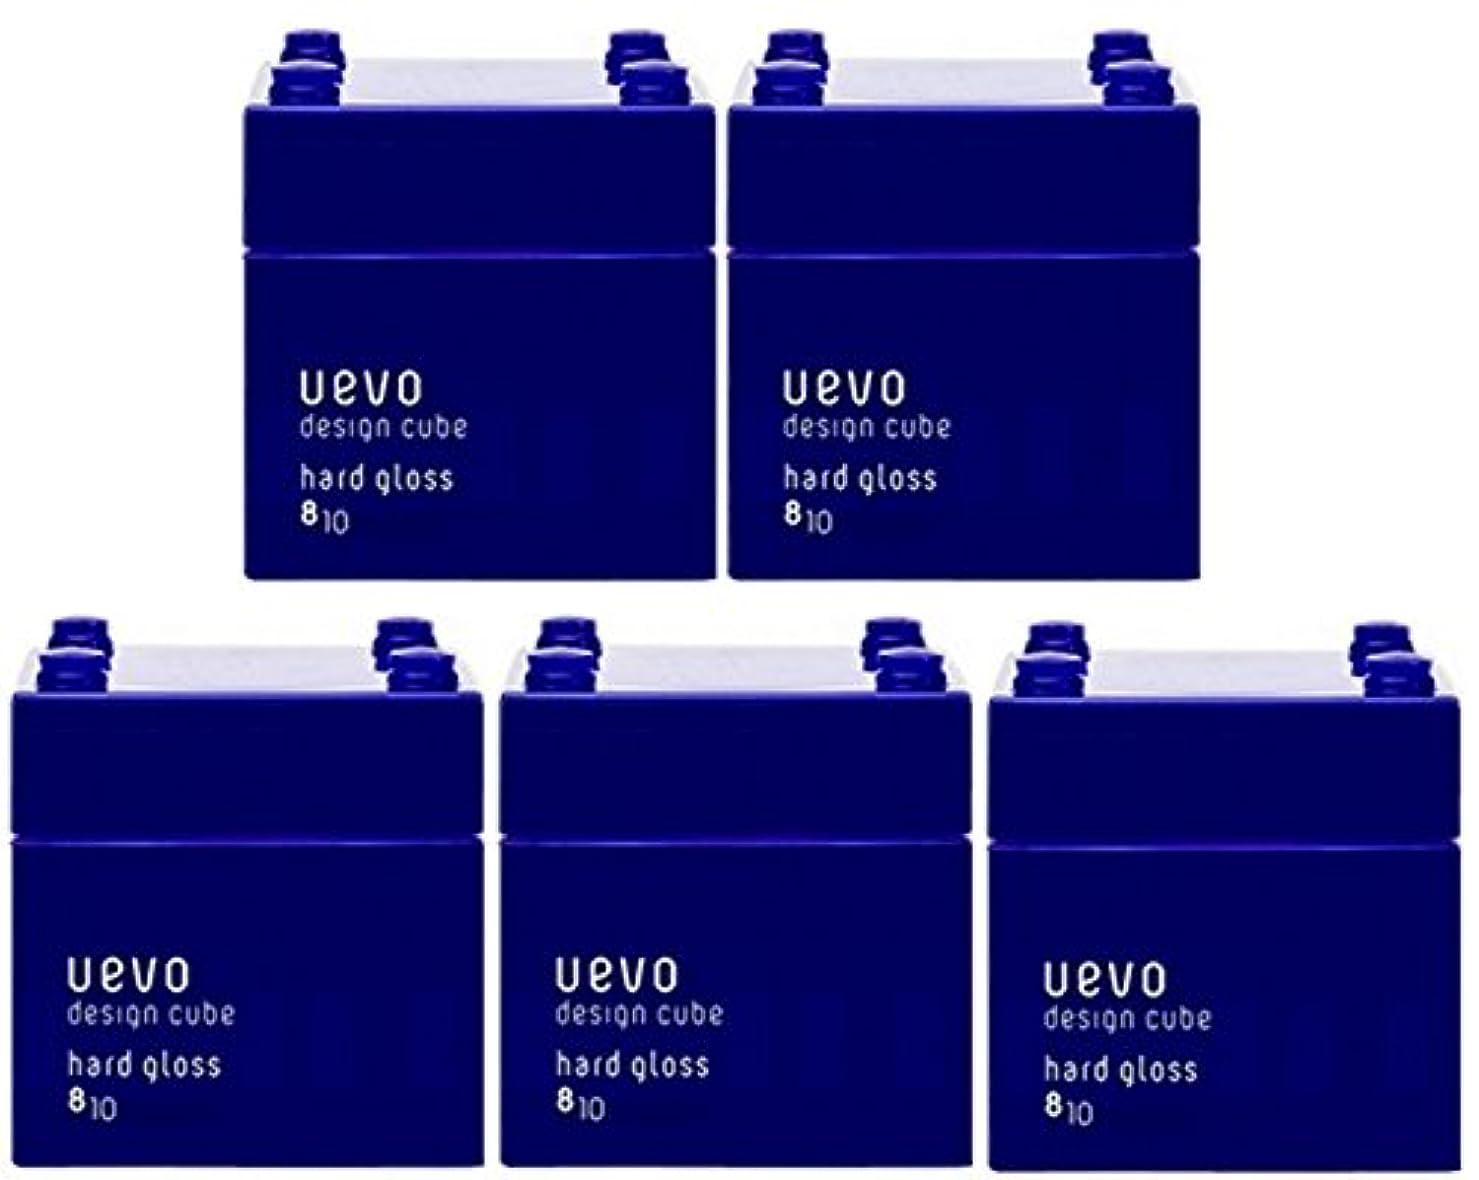 始めるドラマメッシュ【X5個セット】 デミ ウェーボ デザインキューブ ハードグロス 80g hard gloss DEMI uevo design cube